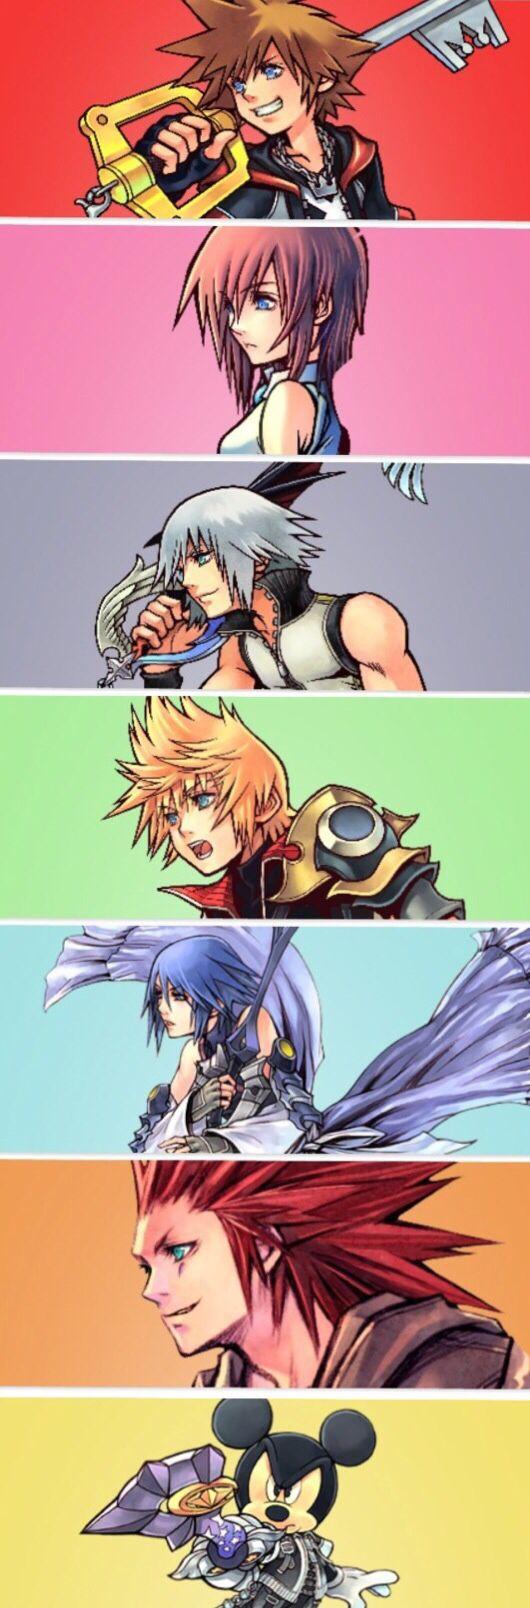 The Seven Guardians Of Light | Sora, Kairi, Riku, Ven, Aqua, Lea ...